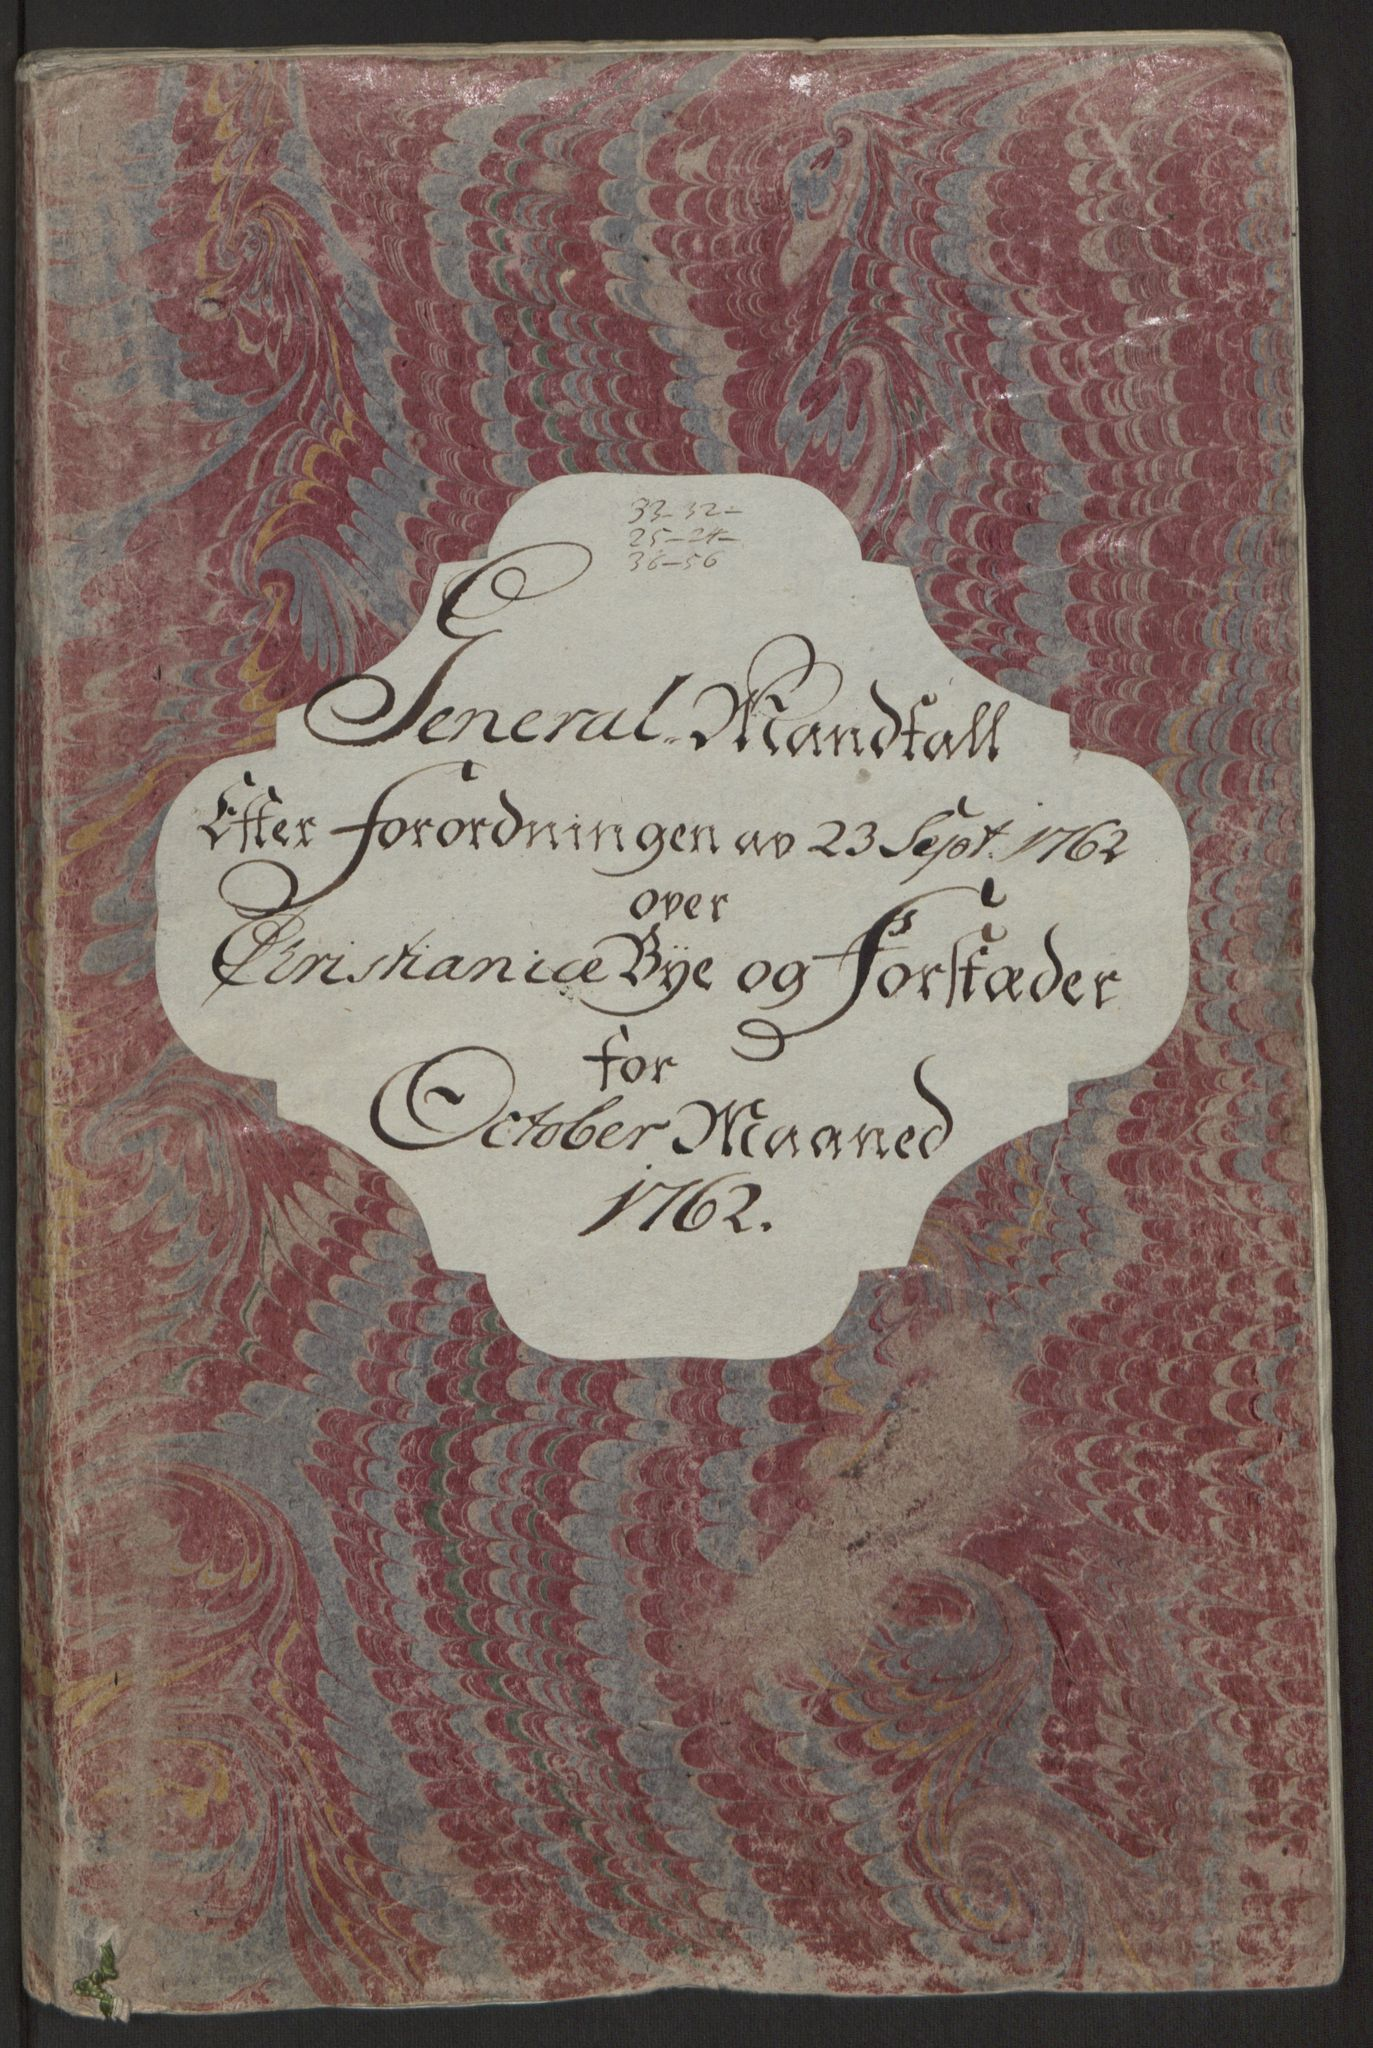 RA, Rentekammeret inntil 1814, Reviderte regnskaper, Byregnskaper, R/Re/L0071: [E13] Kontribusjonsregnskap, 1762, s. 13